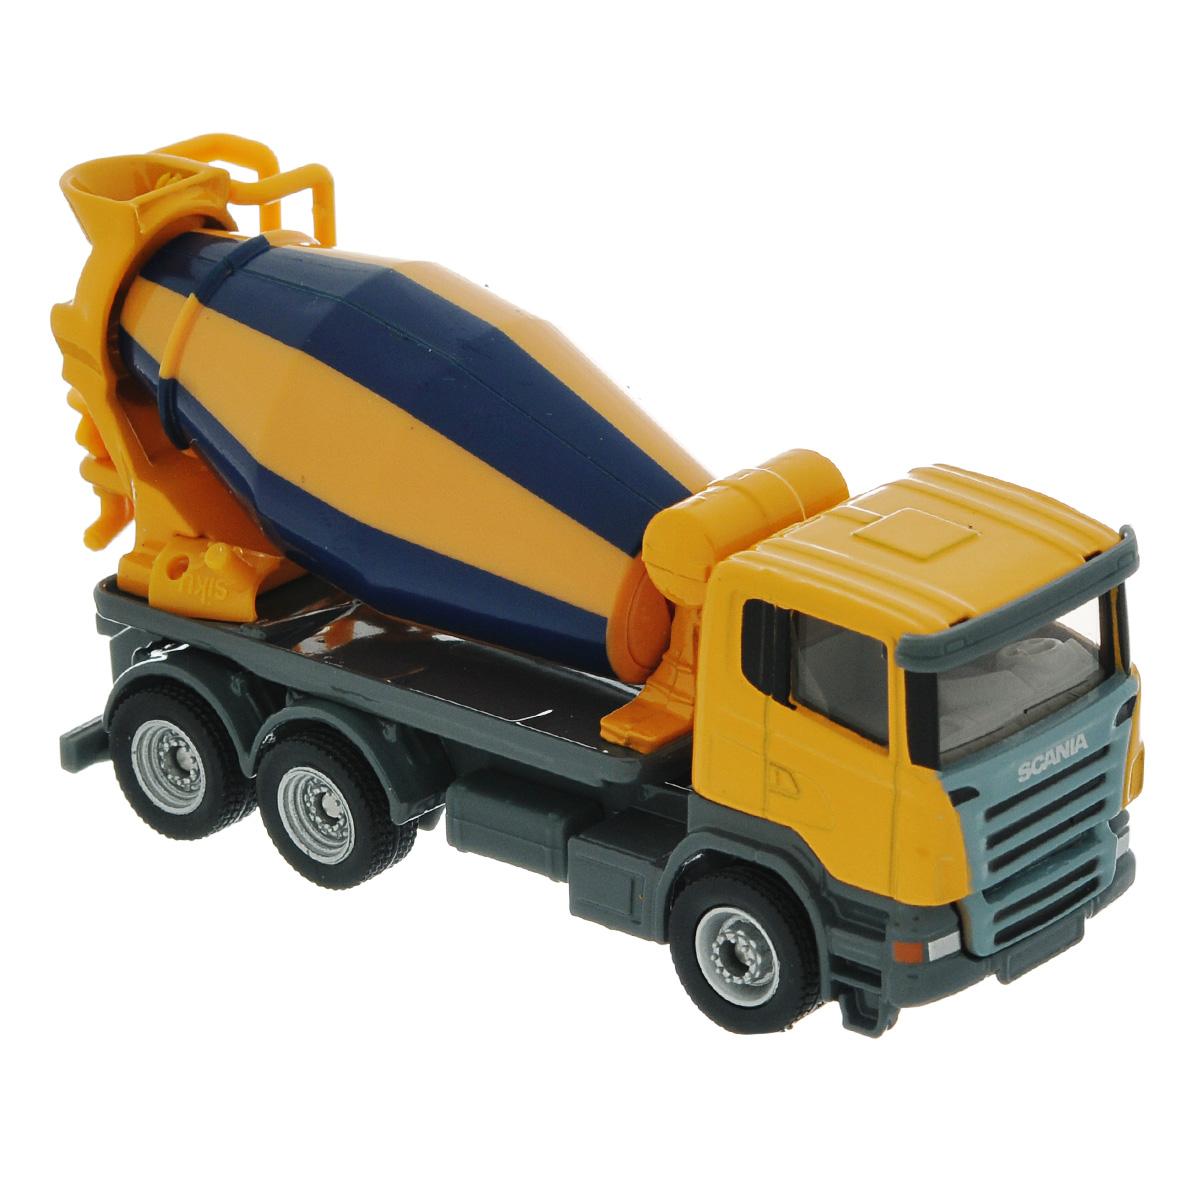 Siku Бетономешалка Scania1896Коллекционная модель Siku Бетономешалка выполнена в виде точной копии бетономешалки Scania в масштабе 1/87. Такая модель понравится не только ребенку, но и взрослому коллекционеру, и приятно удивит вас высочайшим качеством исполнения. Модель выполнена из металла с элементами из пластика. Смеситель бетономешалки крутится. Коллекционная модель станет не только интересной игрушкой для ребенка, интересующегося агротехникой, но и займет достойное место в коллекции.